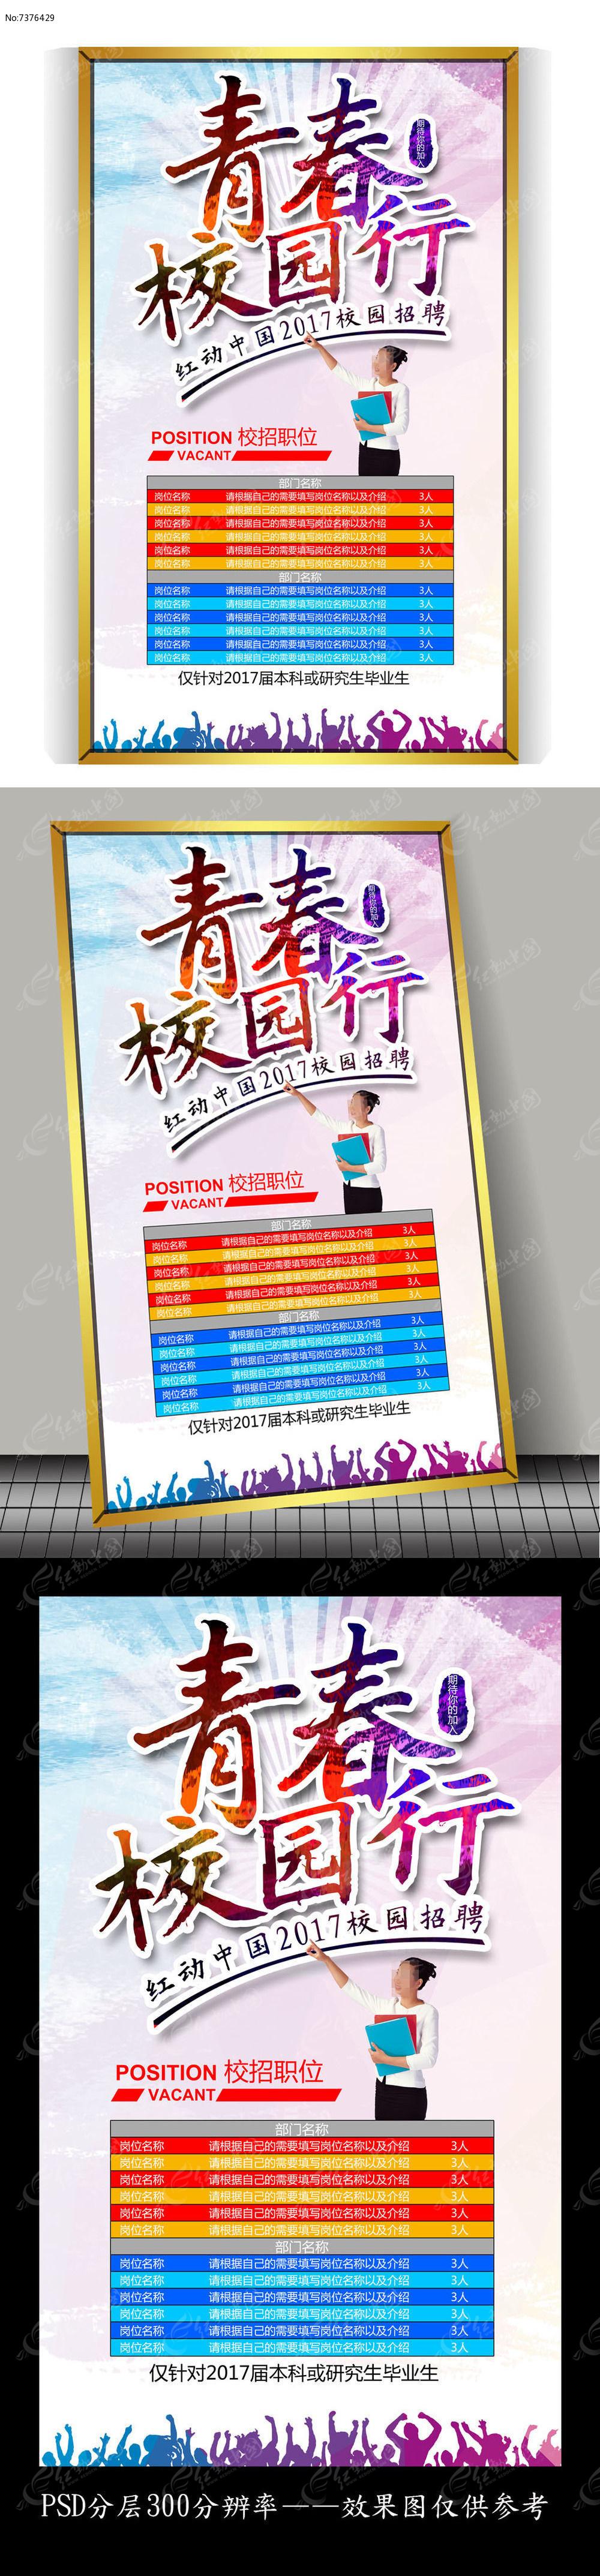 青春校园行校园招聘海报设计图片